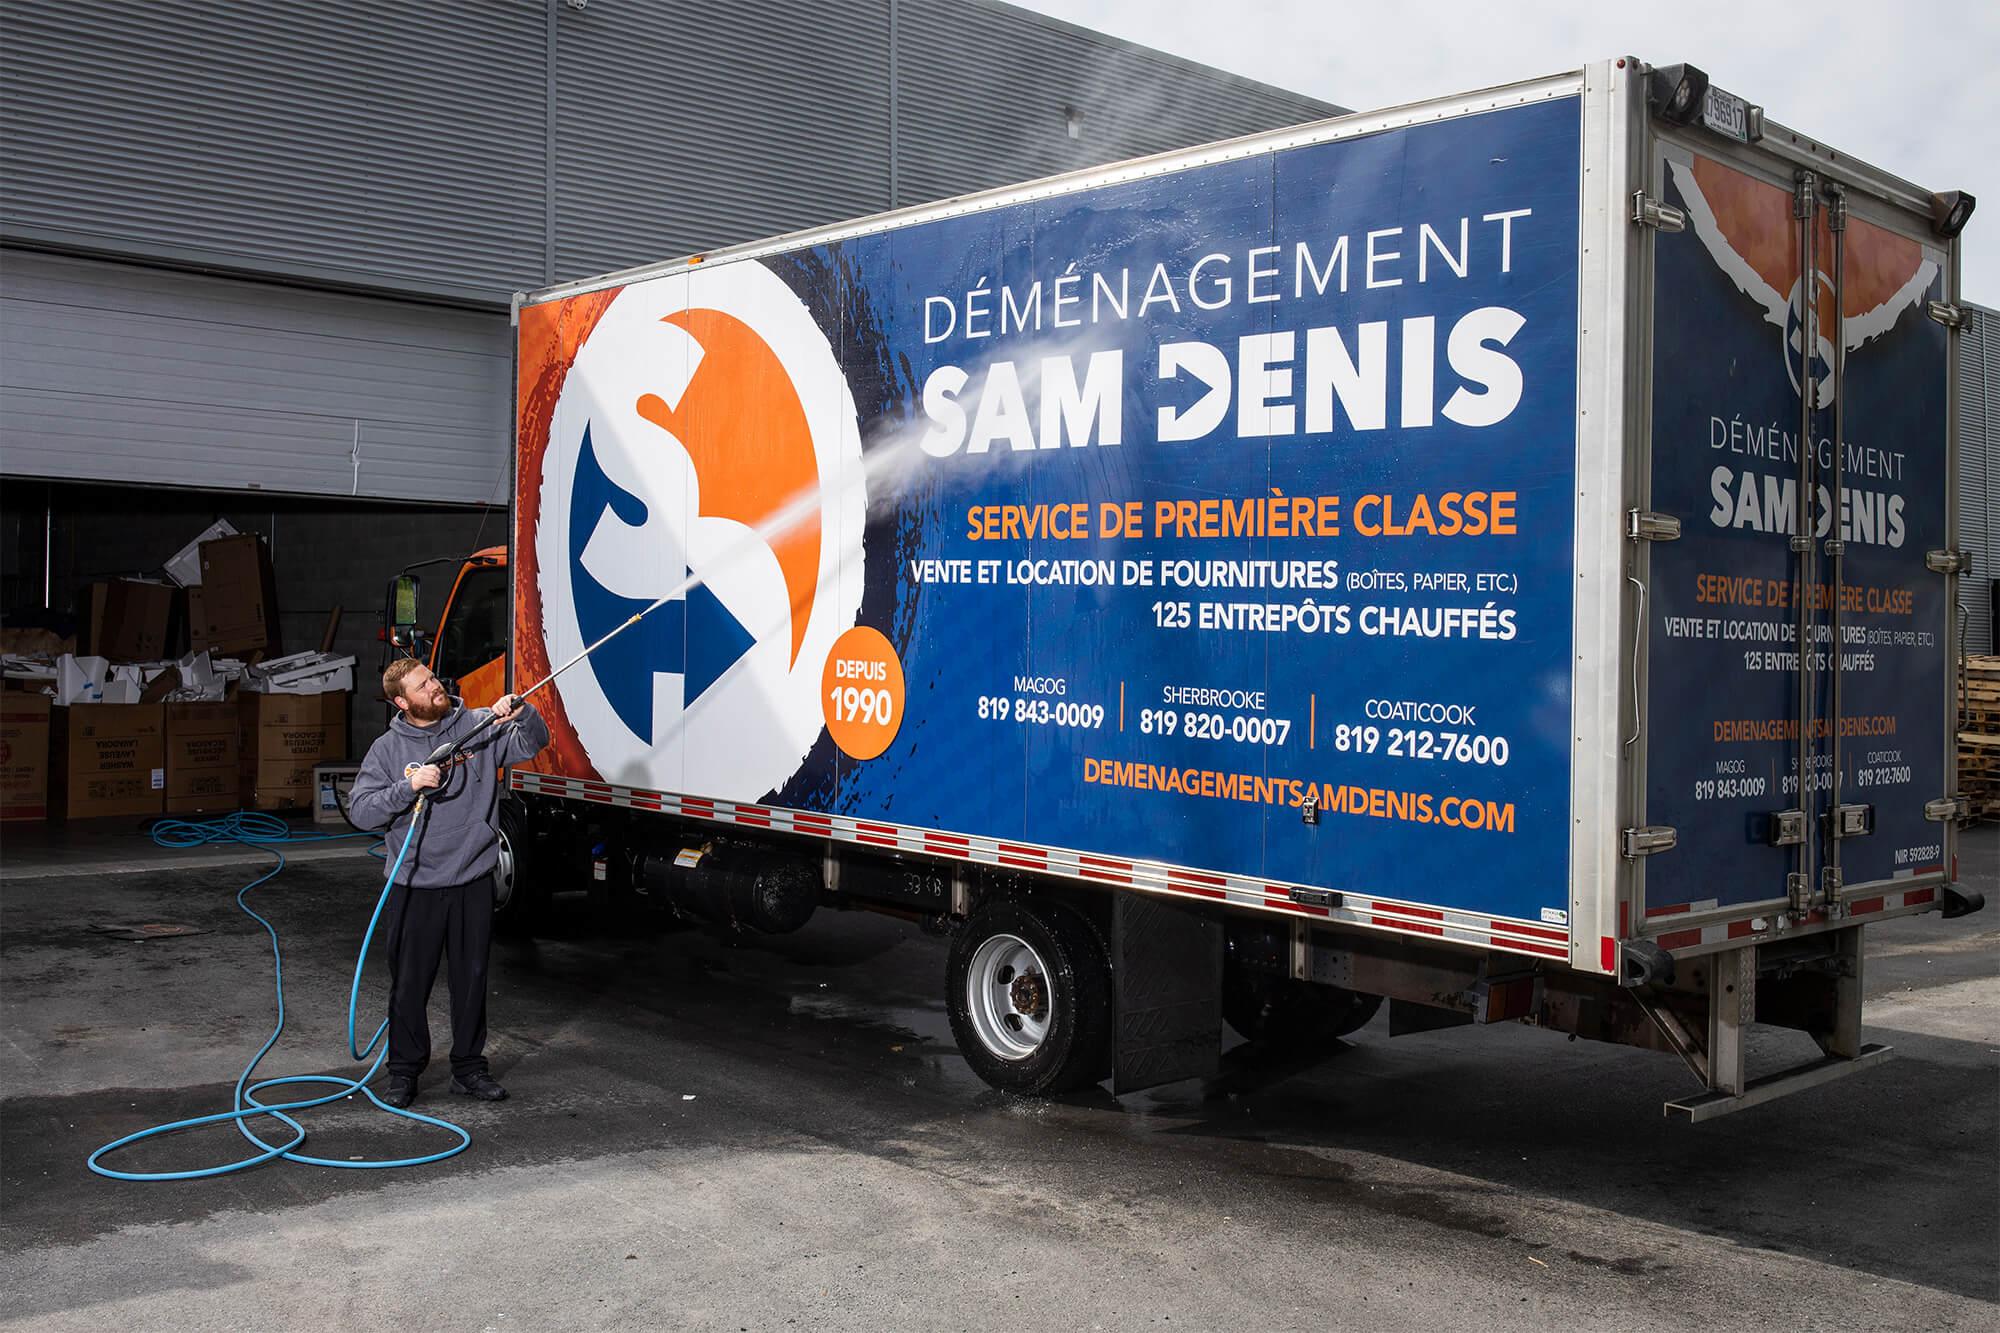 Nettoyage et désinfection des camions Déménagement Sam Denis - Chef de file dans l'industrie du déménagement dans la région de l'Estrie